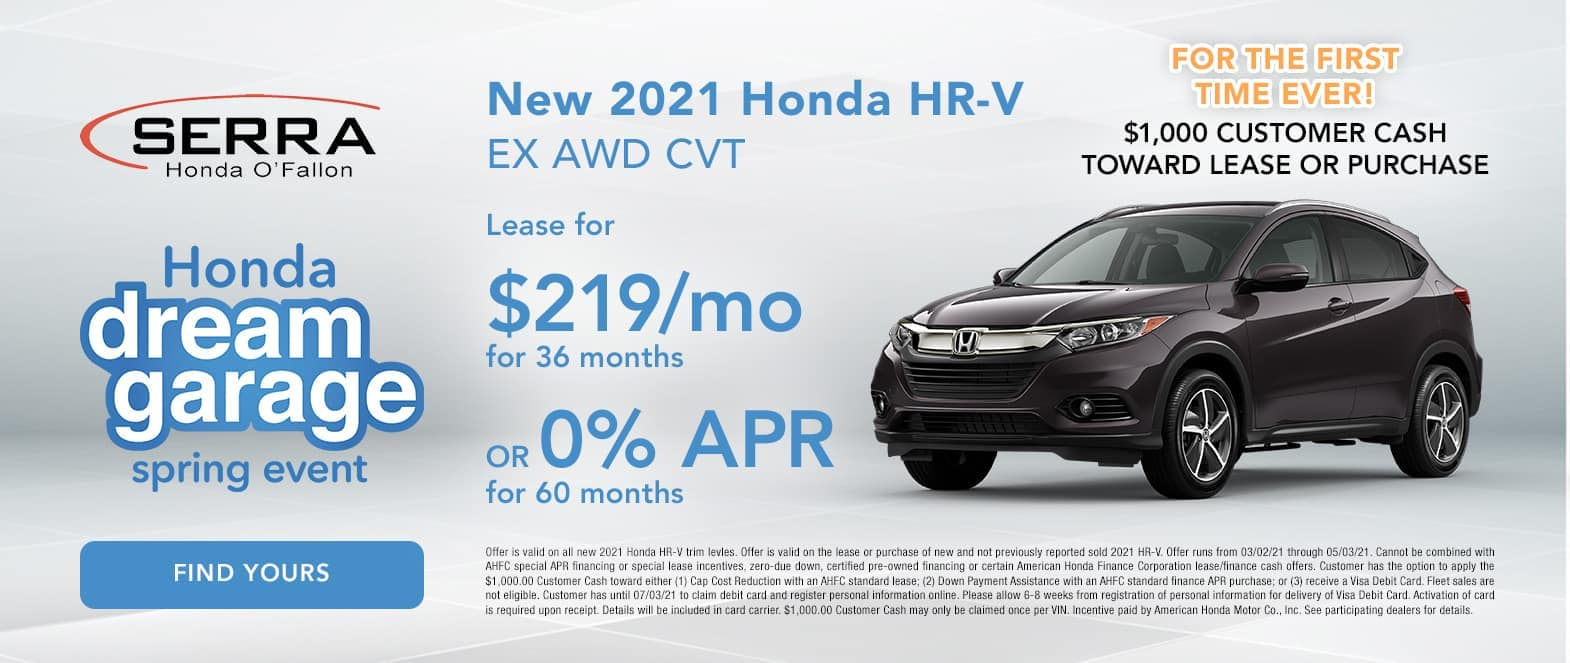 New Honda HR-V Special